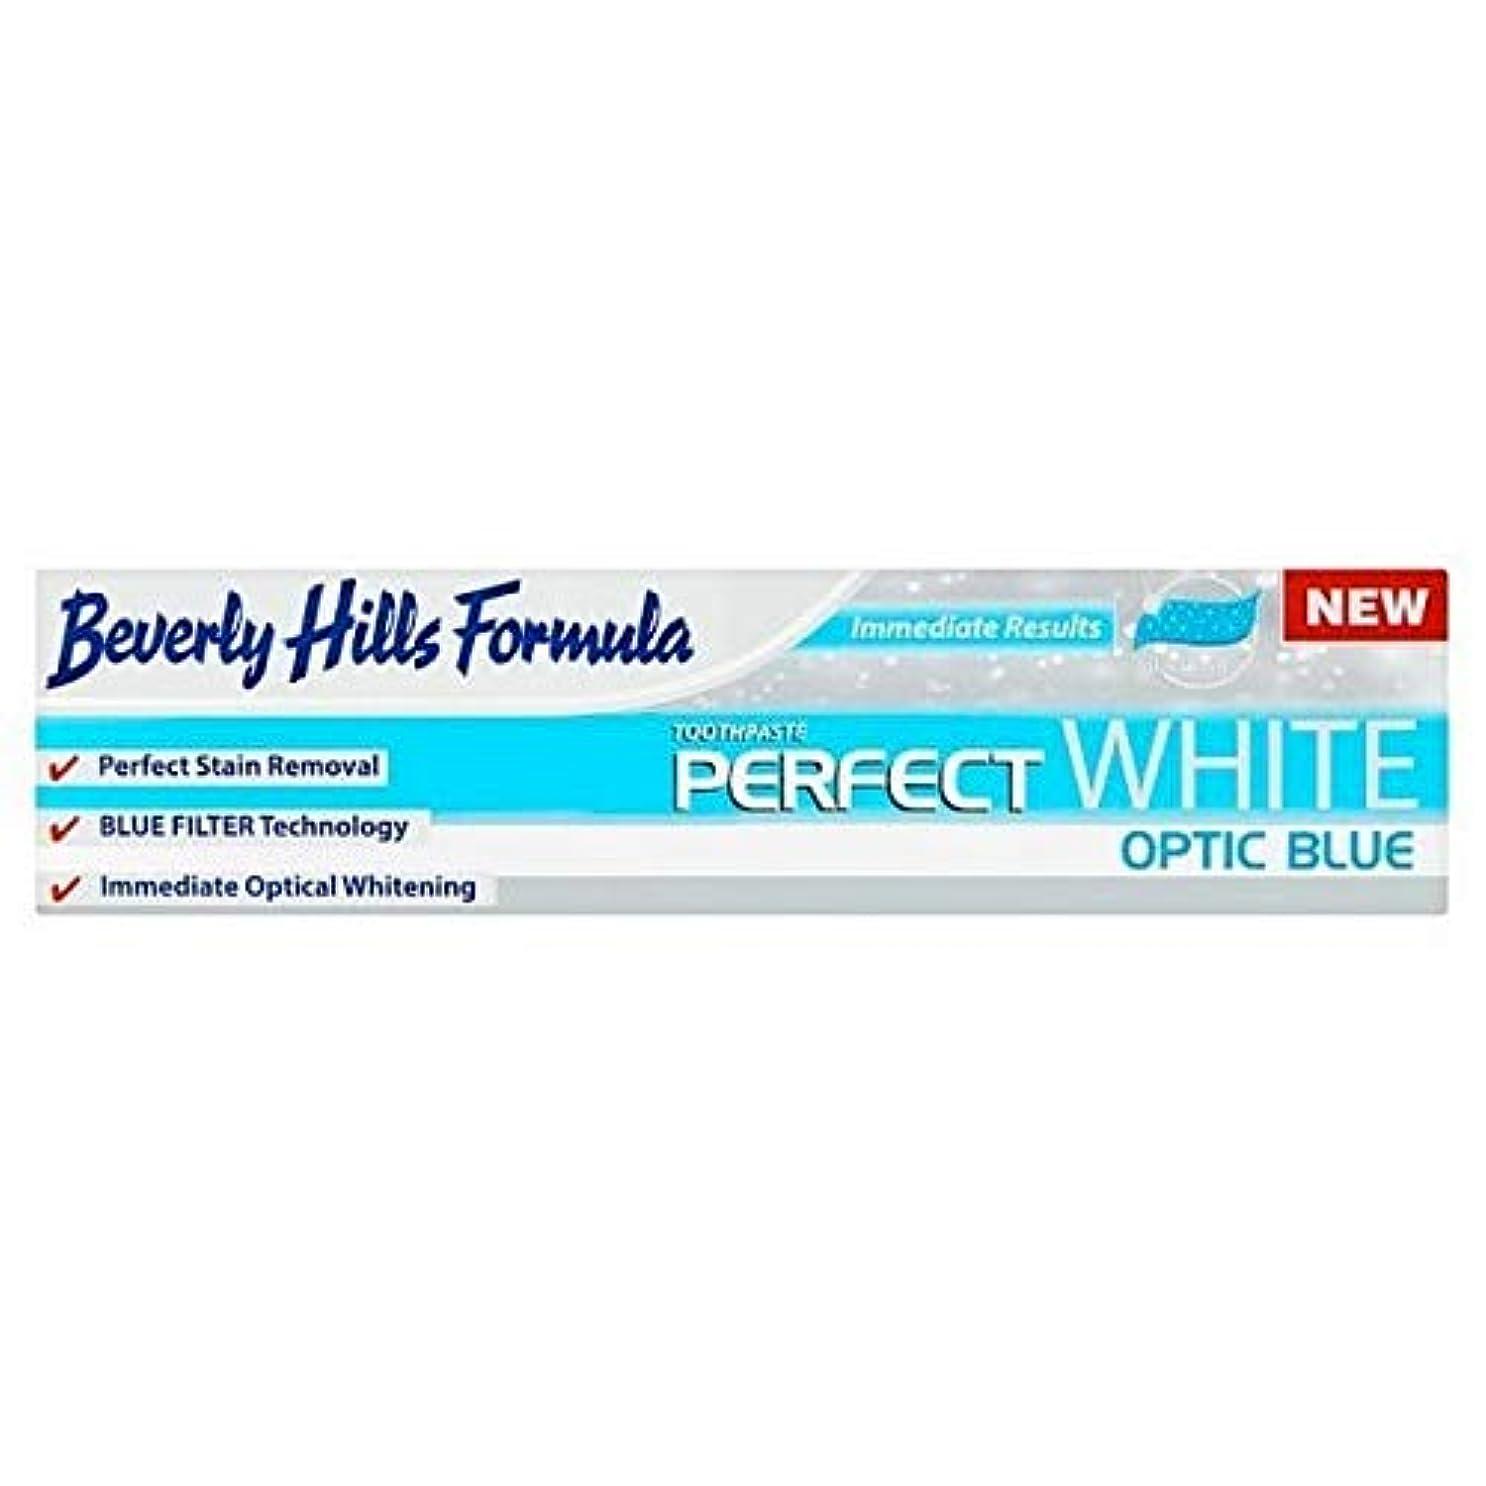 降臨違う限られた[Beverly Hills ] ビバリーヒルズ公式パーフェクトホワイト歯磨き粉の100ミリリットル - Beverly Hills Formula Perfect White toothpaste 100ml [並行輸入品]